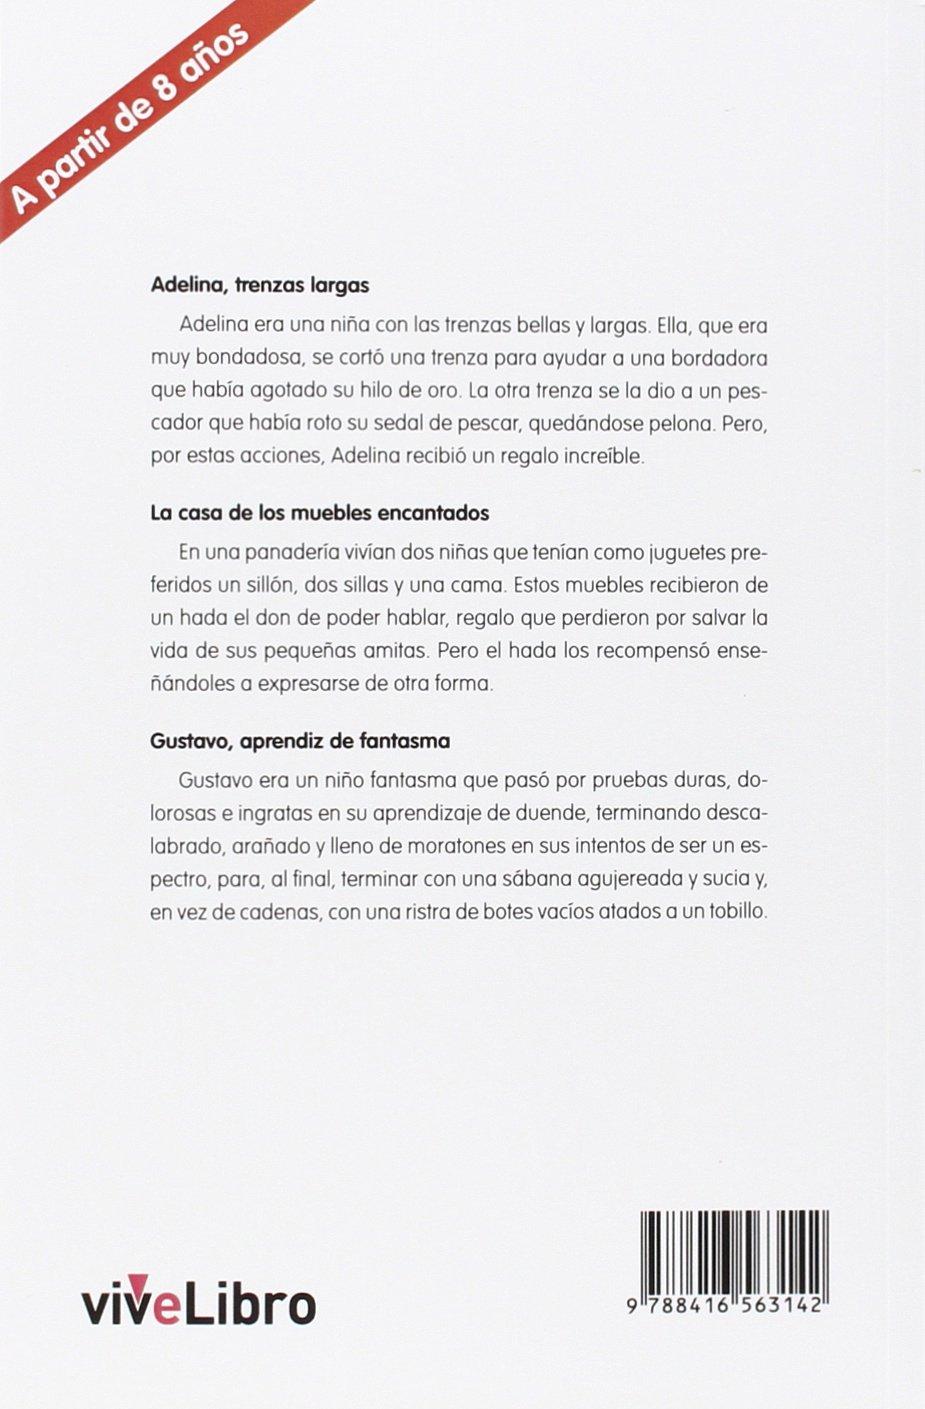 Cuentos del Abuelo I: Amazon.es: Gabriel Rodríguez de las Heras: Libros